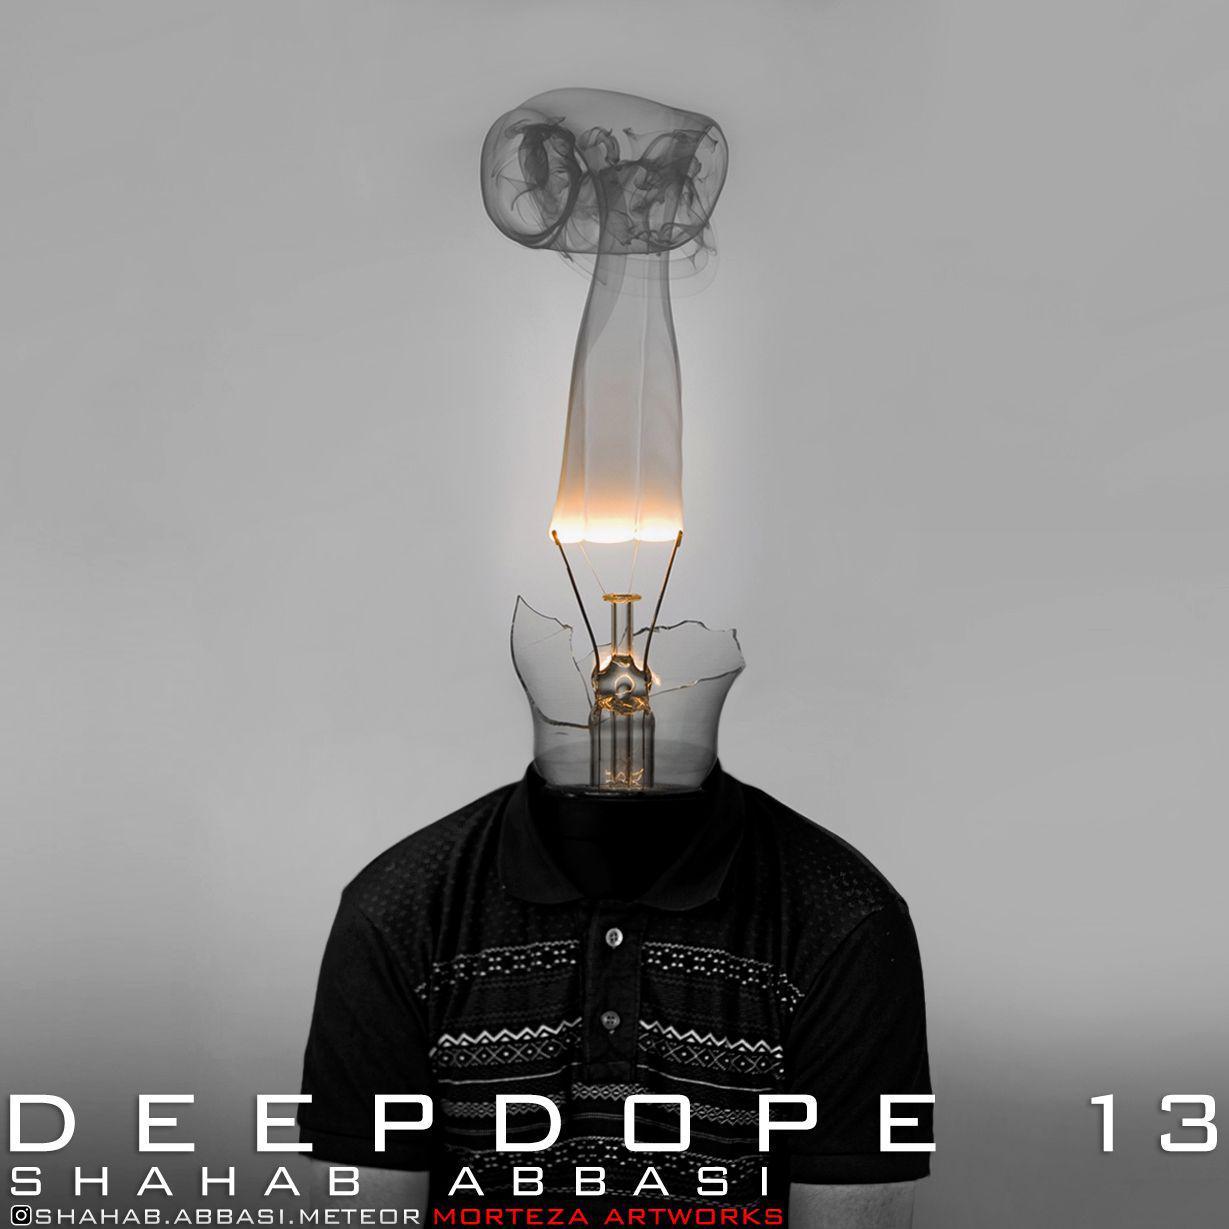 دانلود آهنگ جدید شهاب عباسی Deep Dope 13